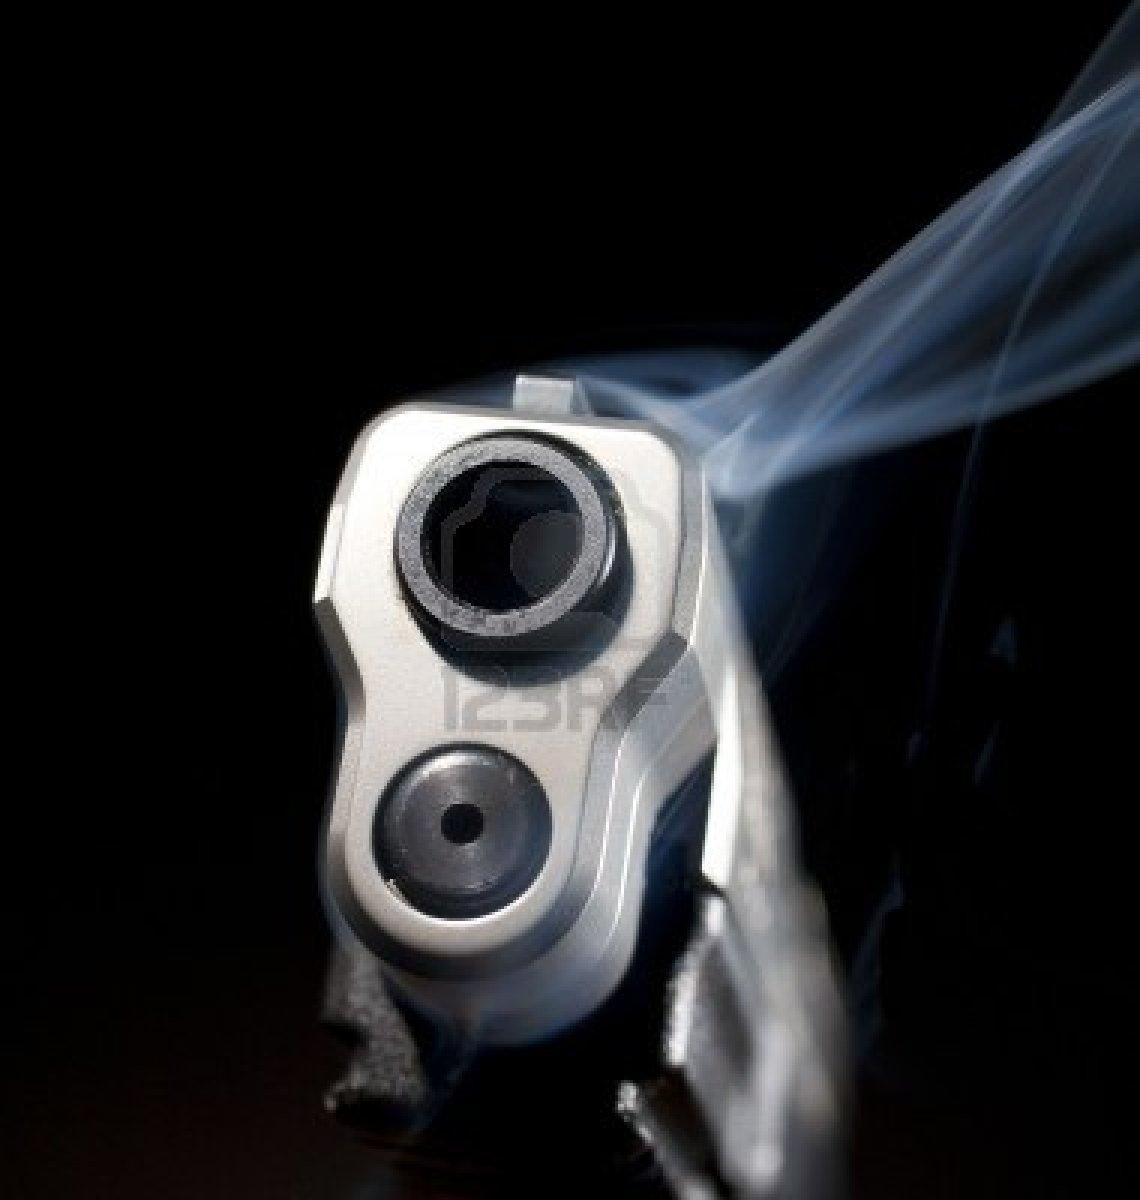 Smoking-gun-that-is-still-releasing-blue-smoke-on-black